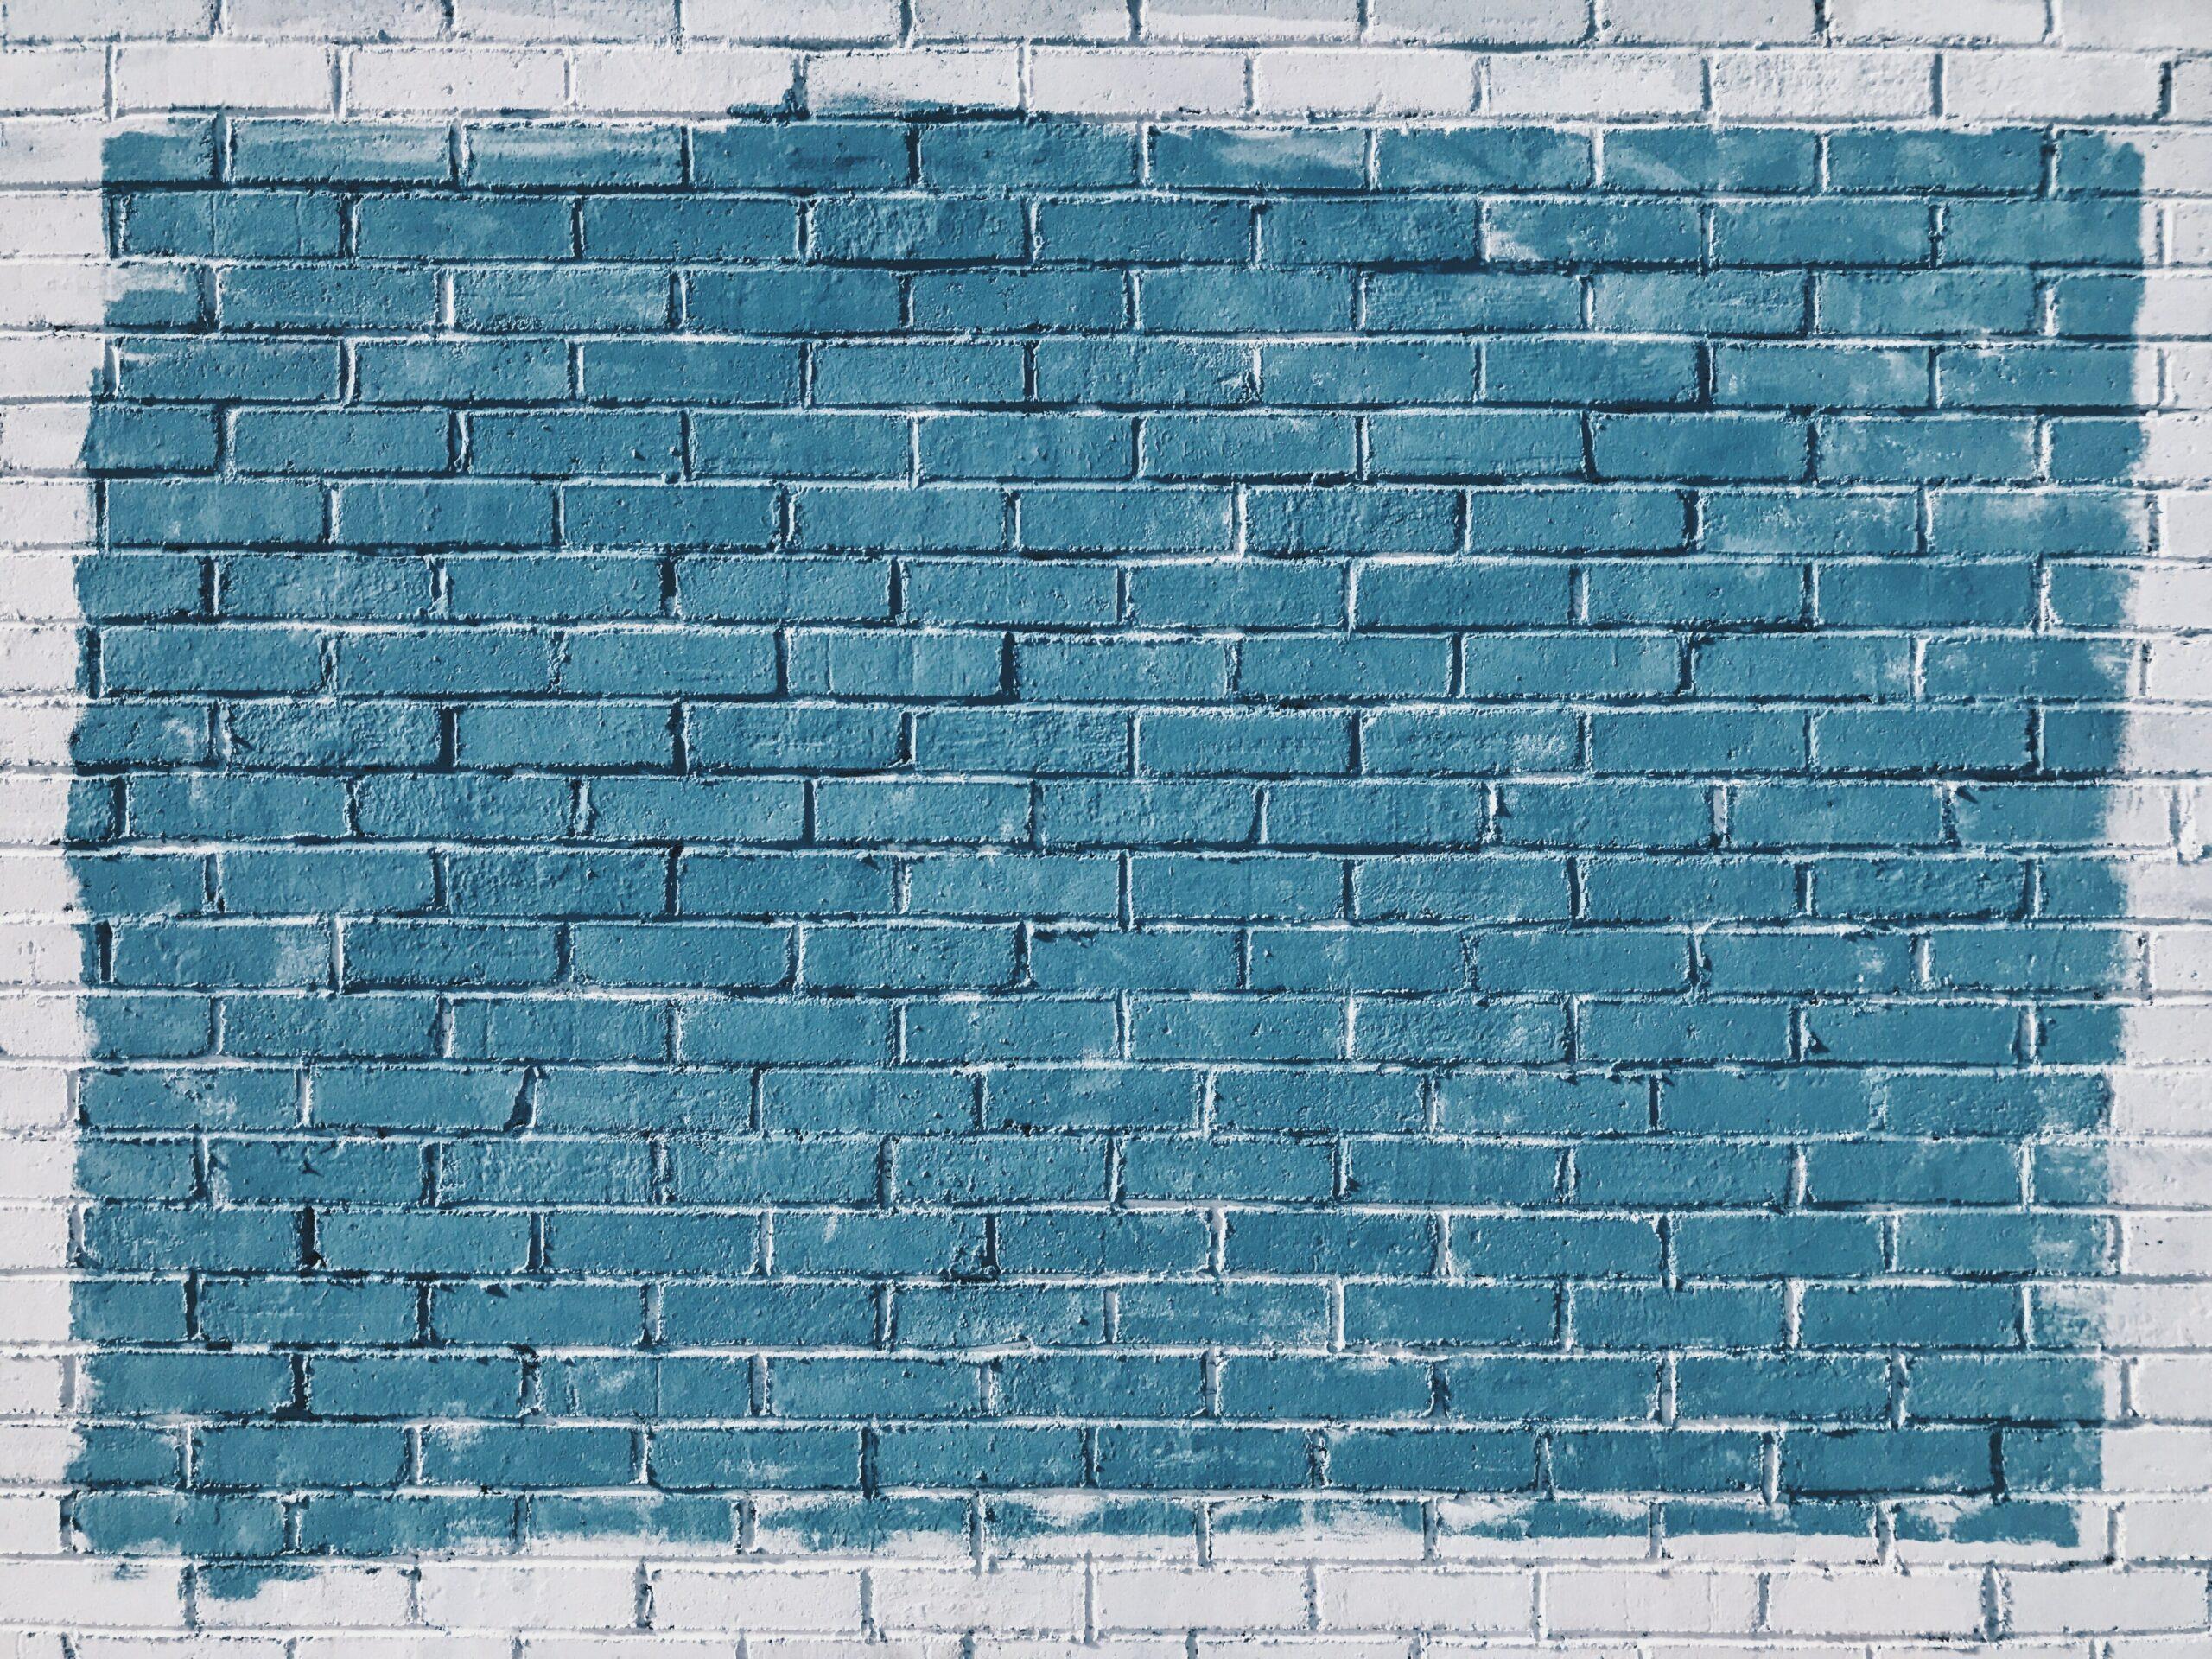 Blaue Farbe auf weißer Steinwand